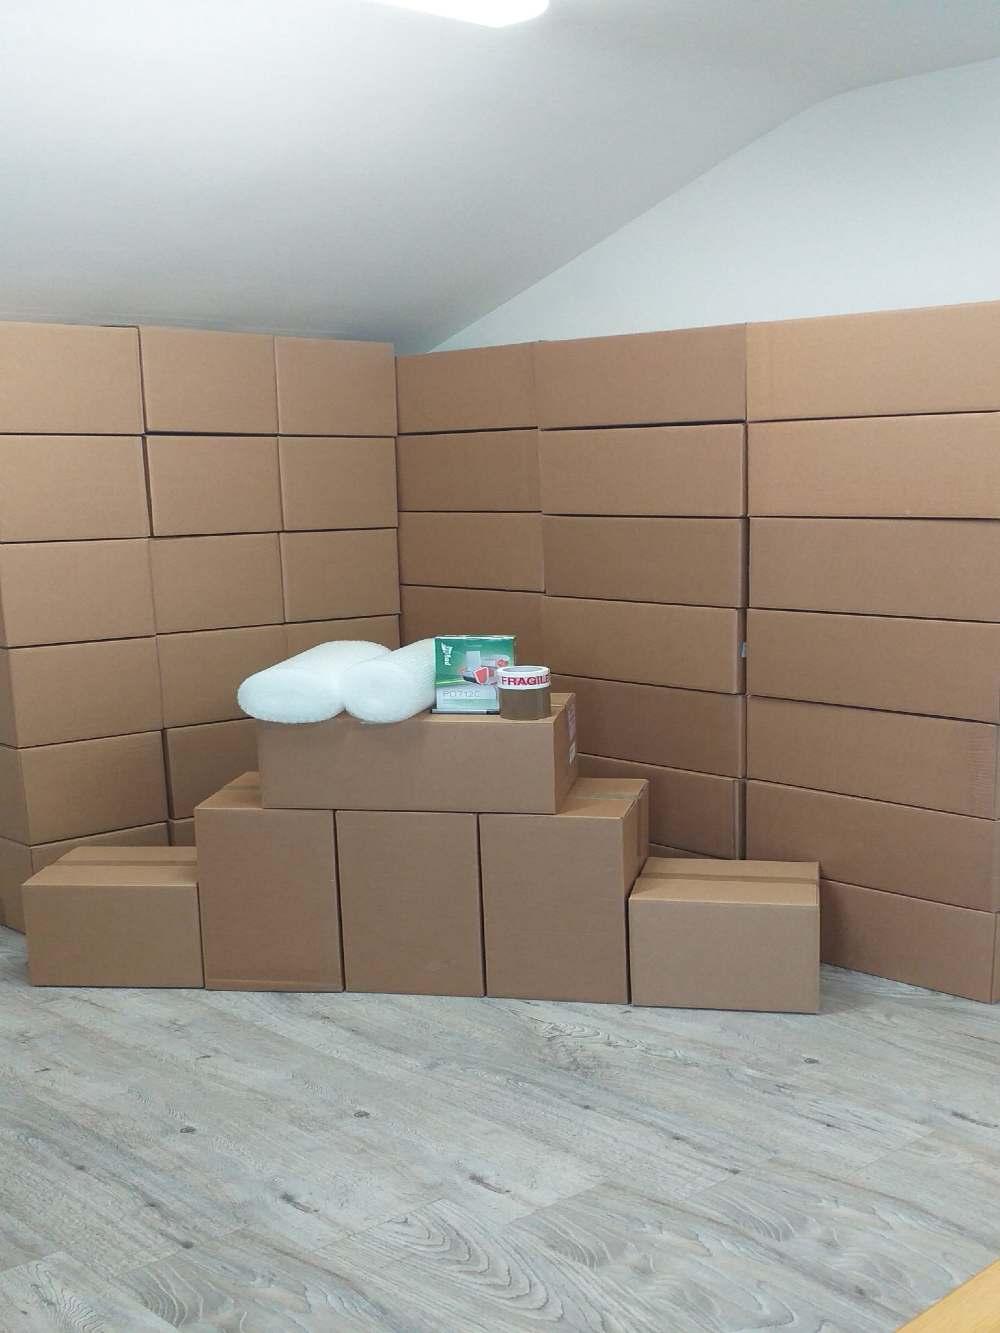 jumbo moving box kit